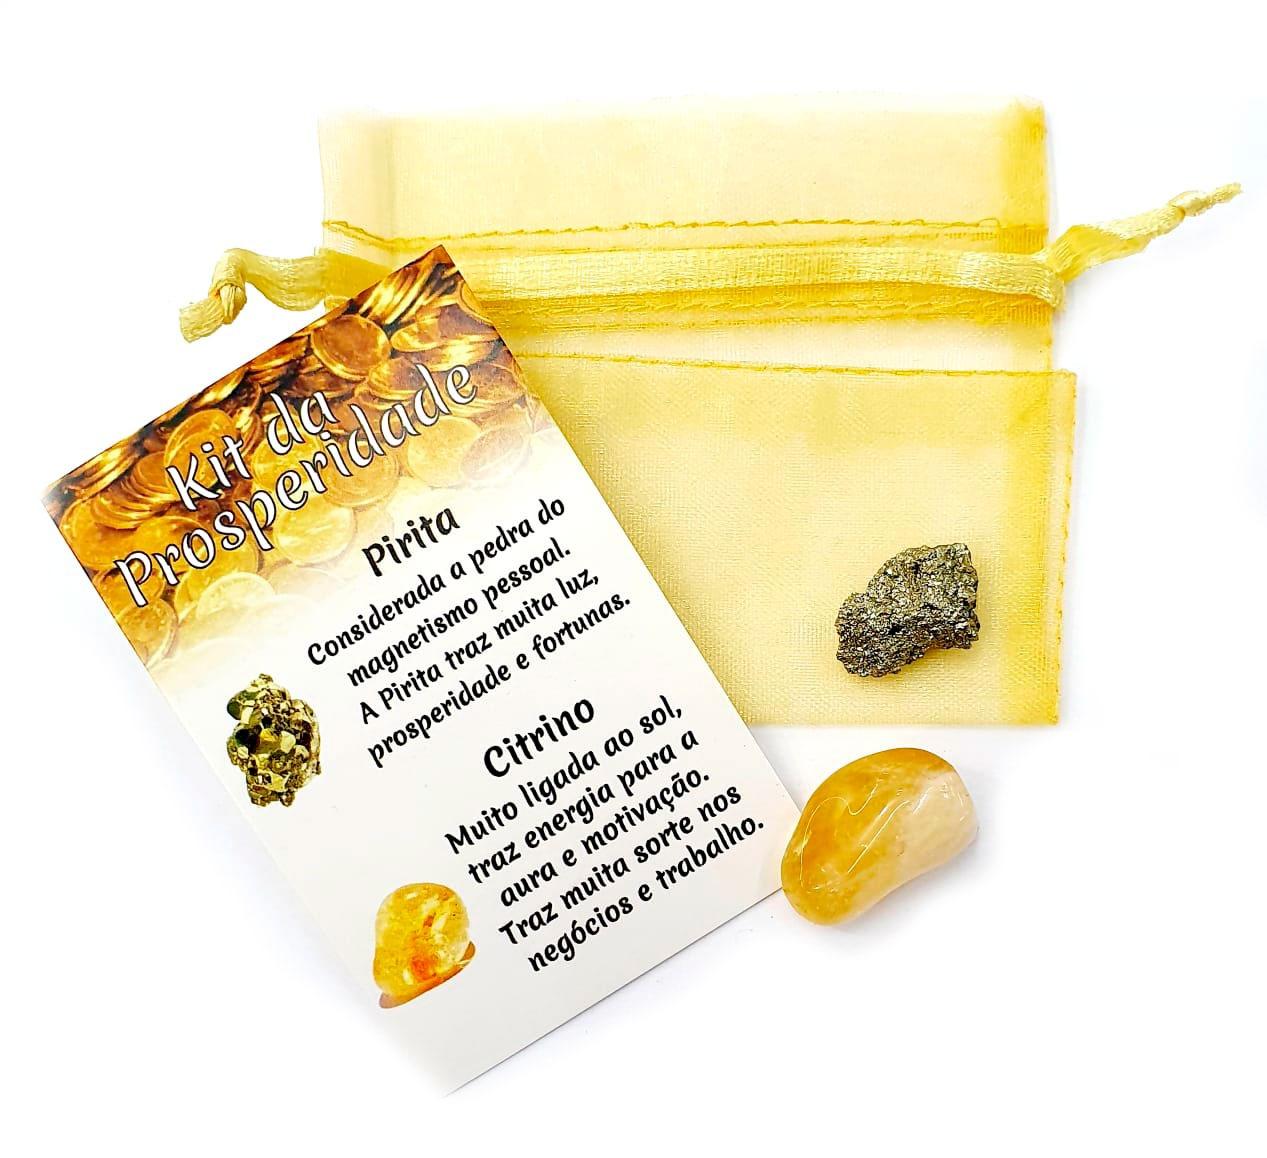 Kit da Prosperidade de Pedras Brasileiras